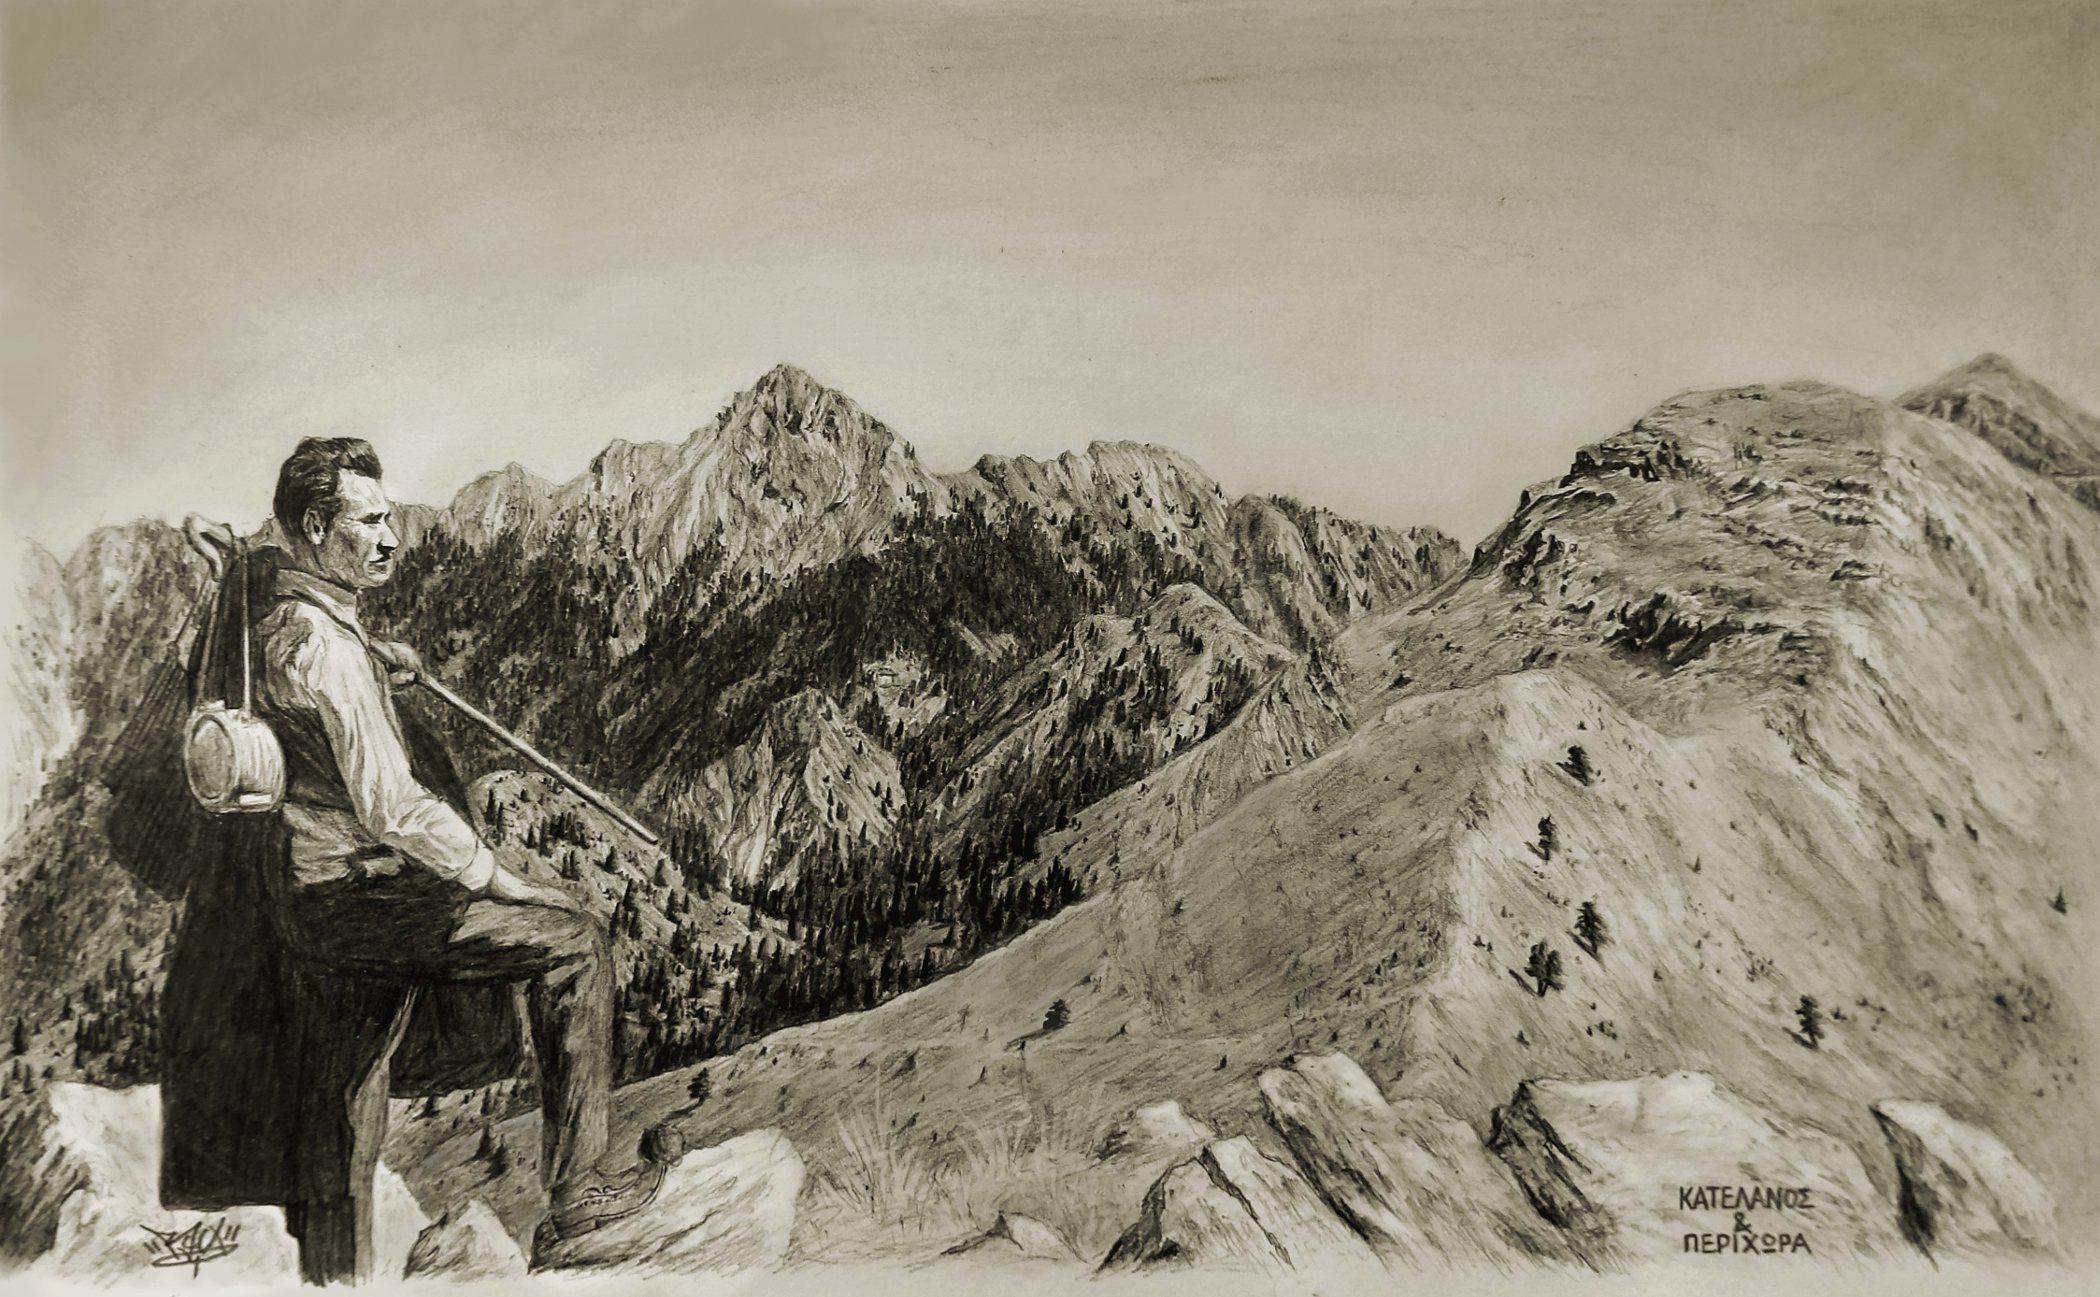 τσελιγκας στο βουνο τσοπανος κουτπας παναιτωλικου νεραιδοβουνι σκιτσο βουνα σκιτσα